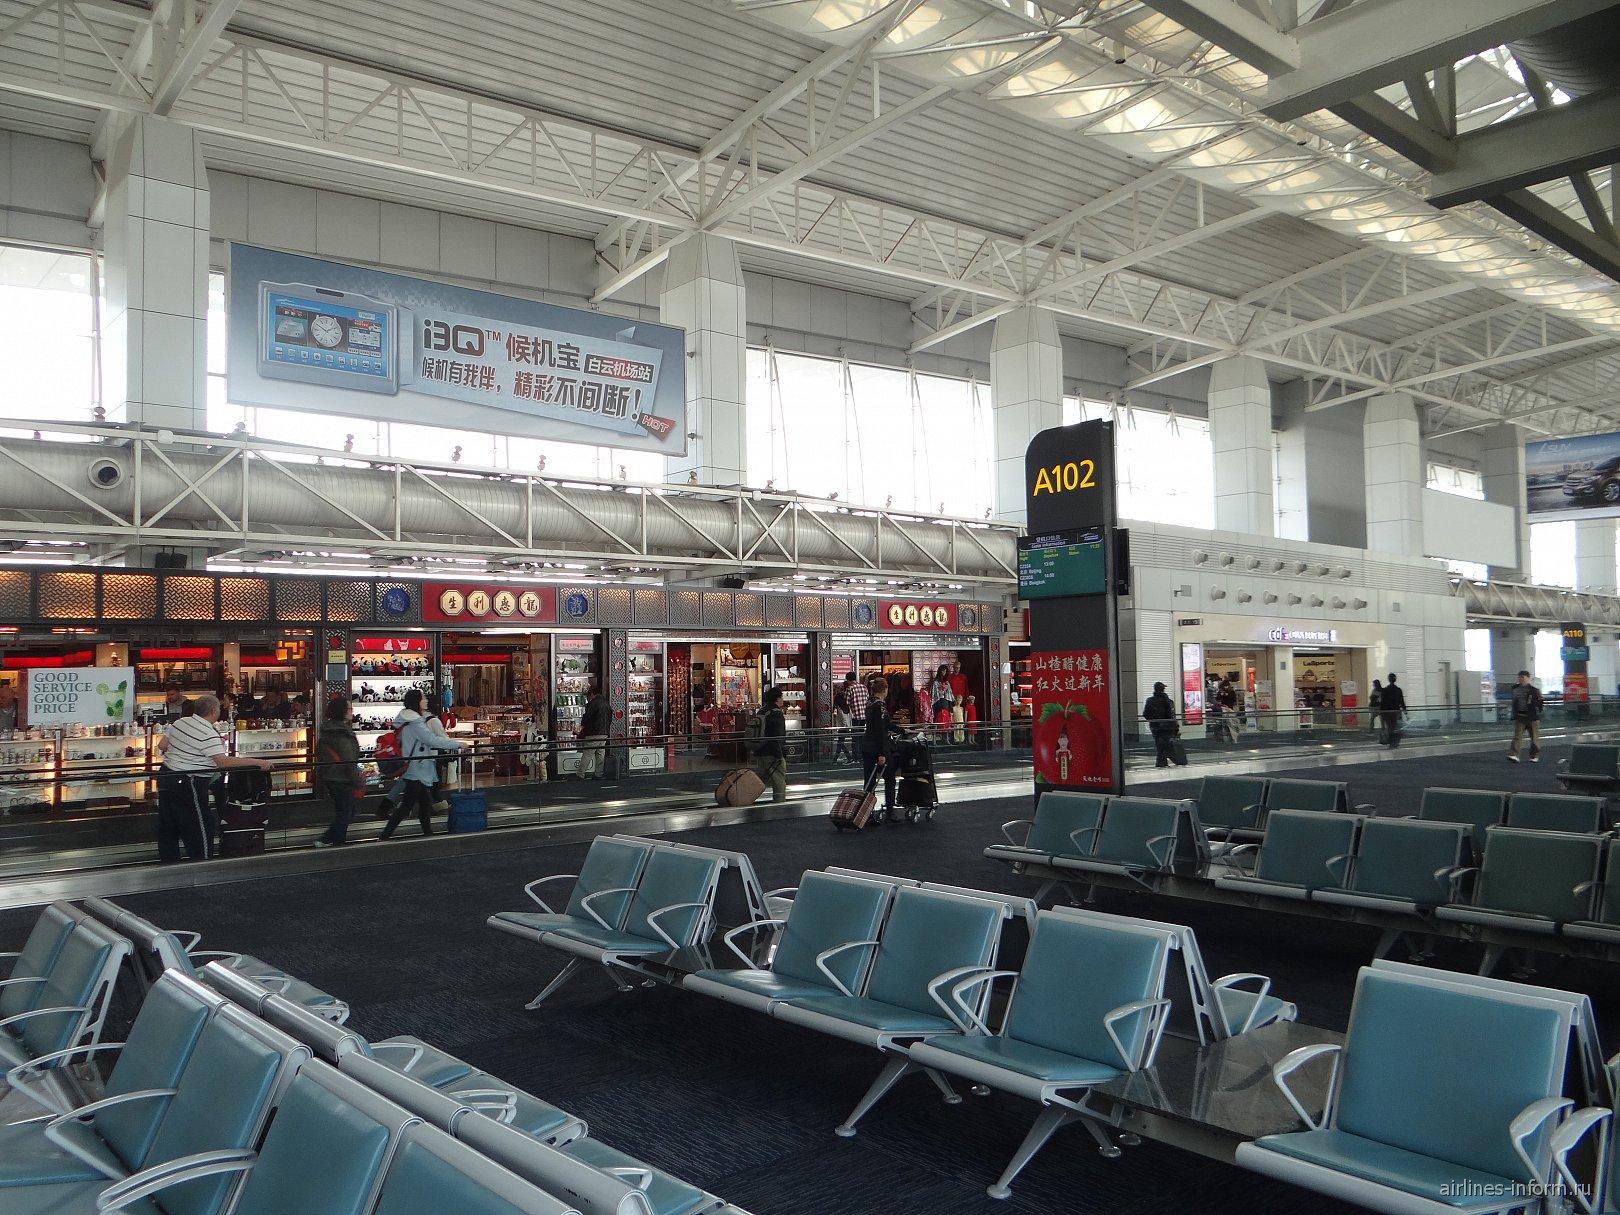 В чистой зоне аэропорта Гуаньчжоу Байюнь